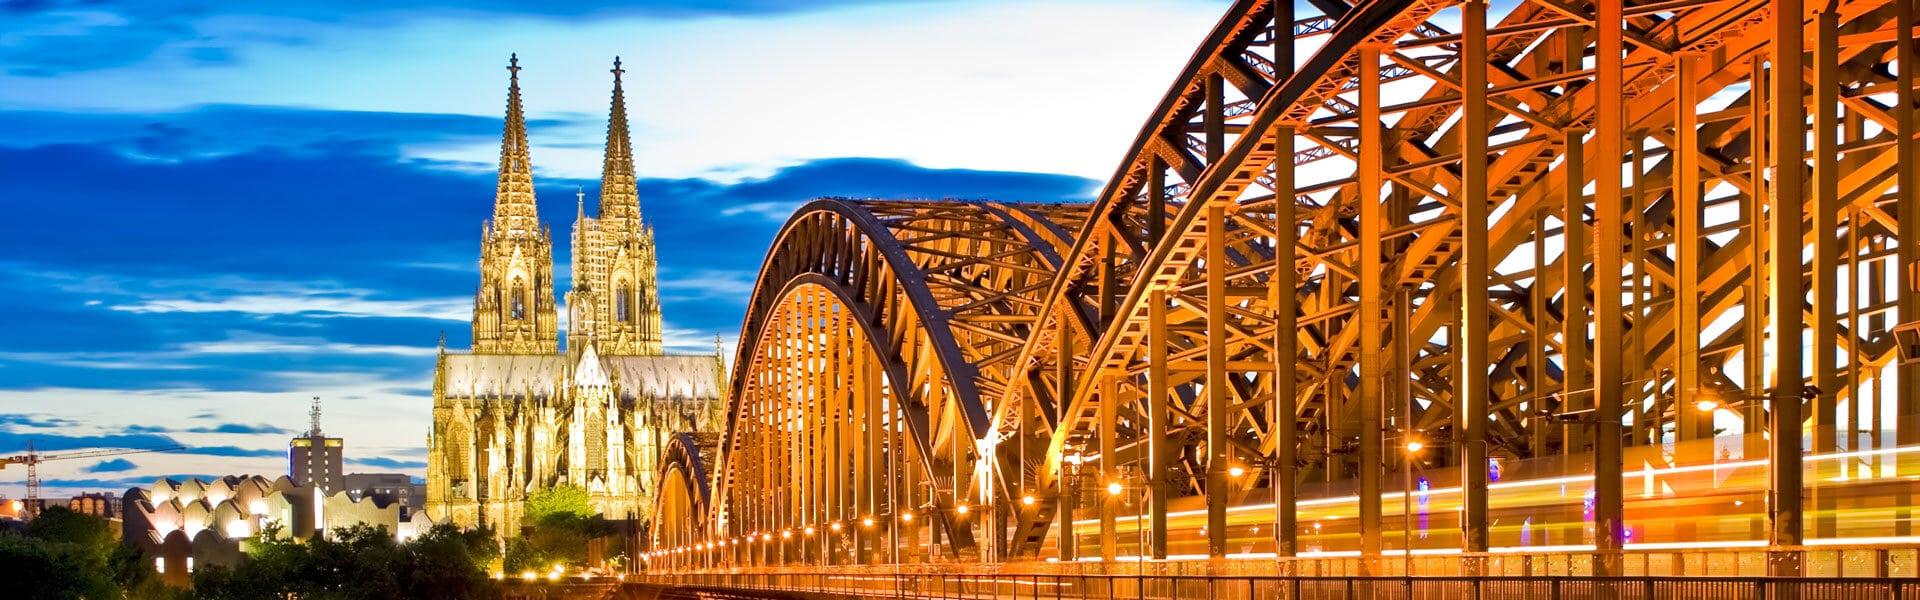 Köln die Stadt am Rhein ist perfekt für Incentive Reisen, Städtetrips, betriebsausflüge und weihnachtsfeiern